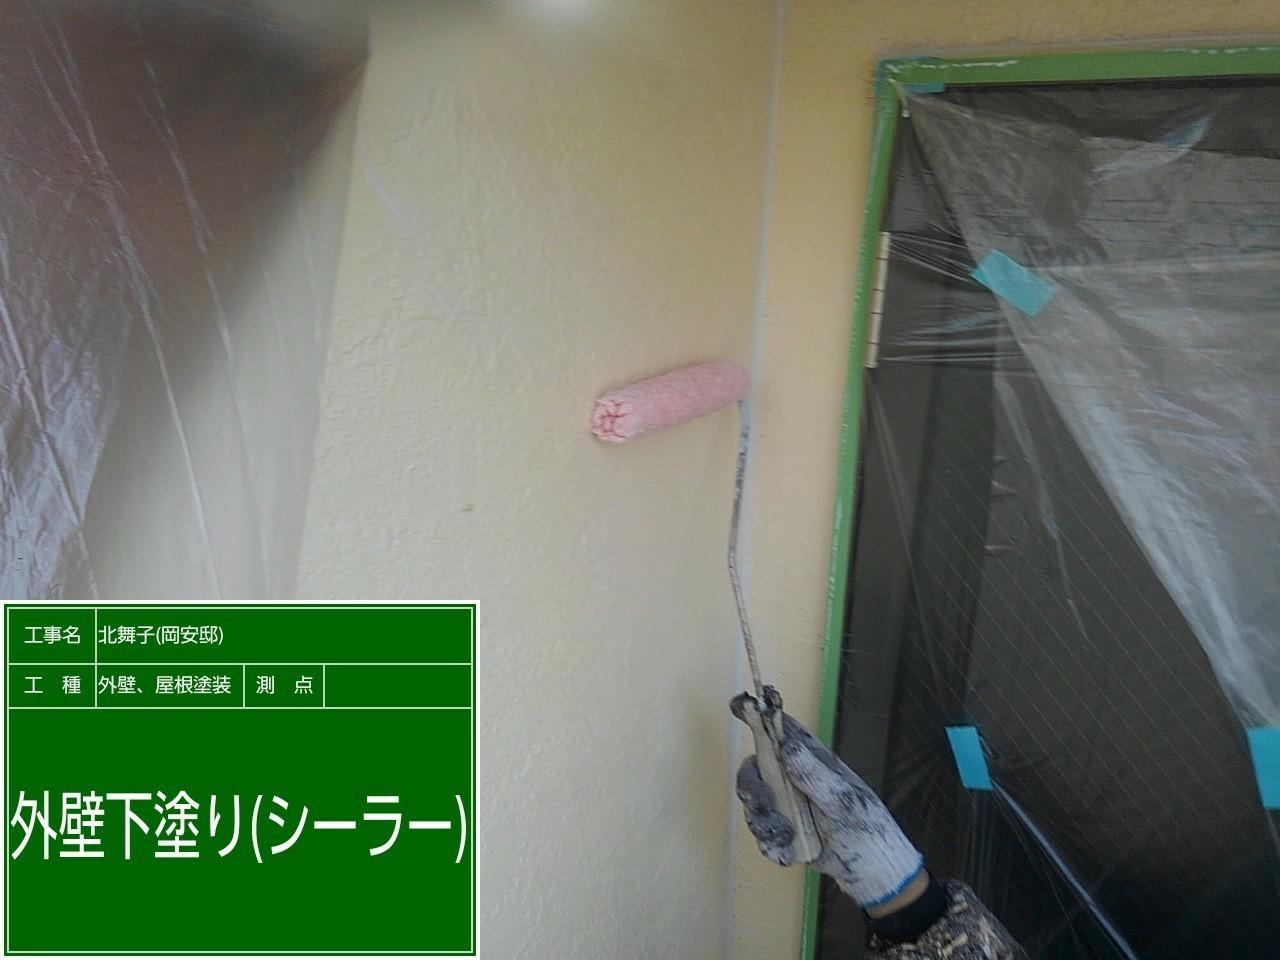 神戸市垂水区での外壁塗装工事でサイデイングに下塗りしている様子